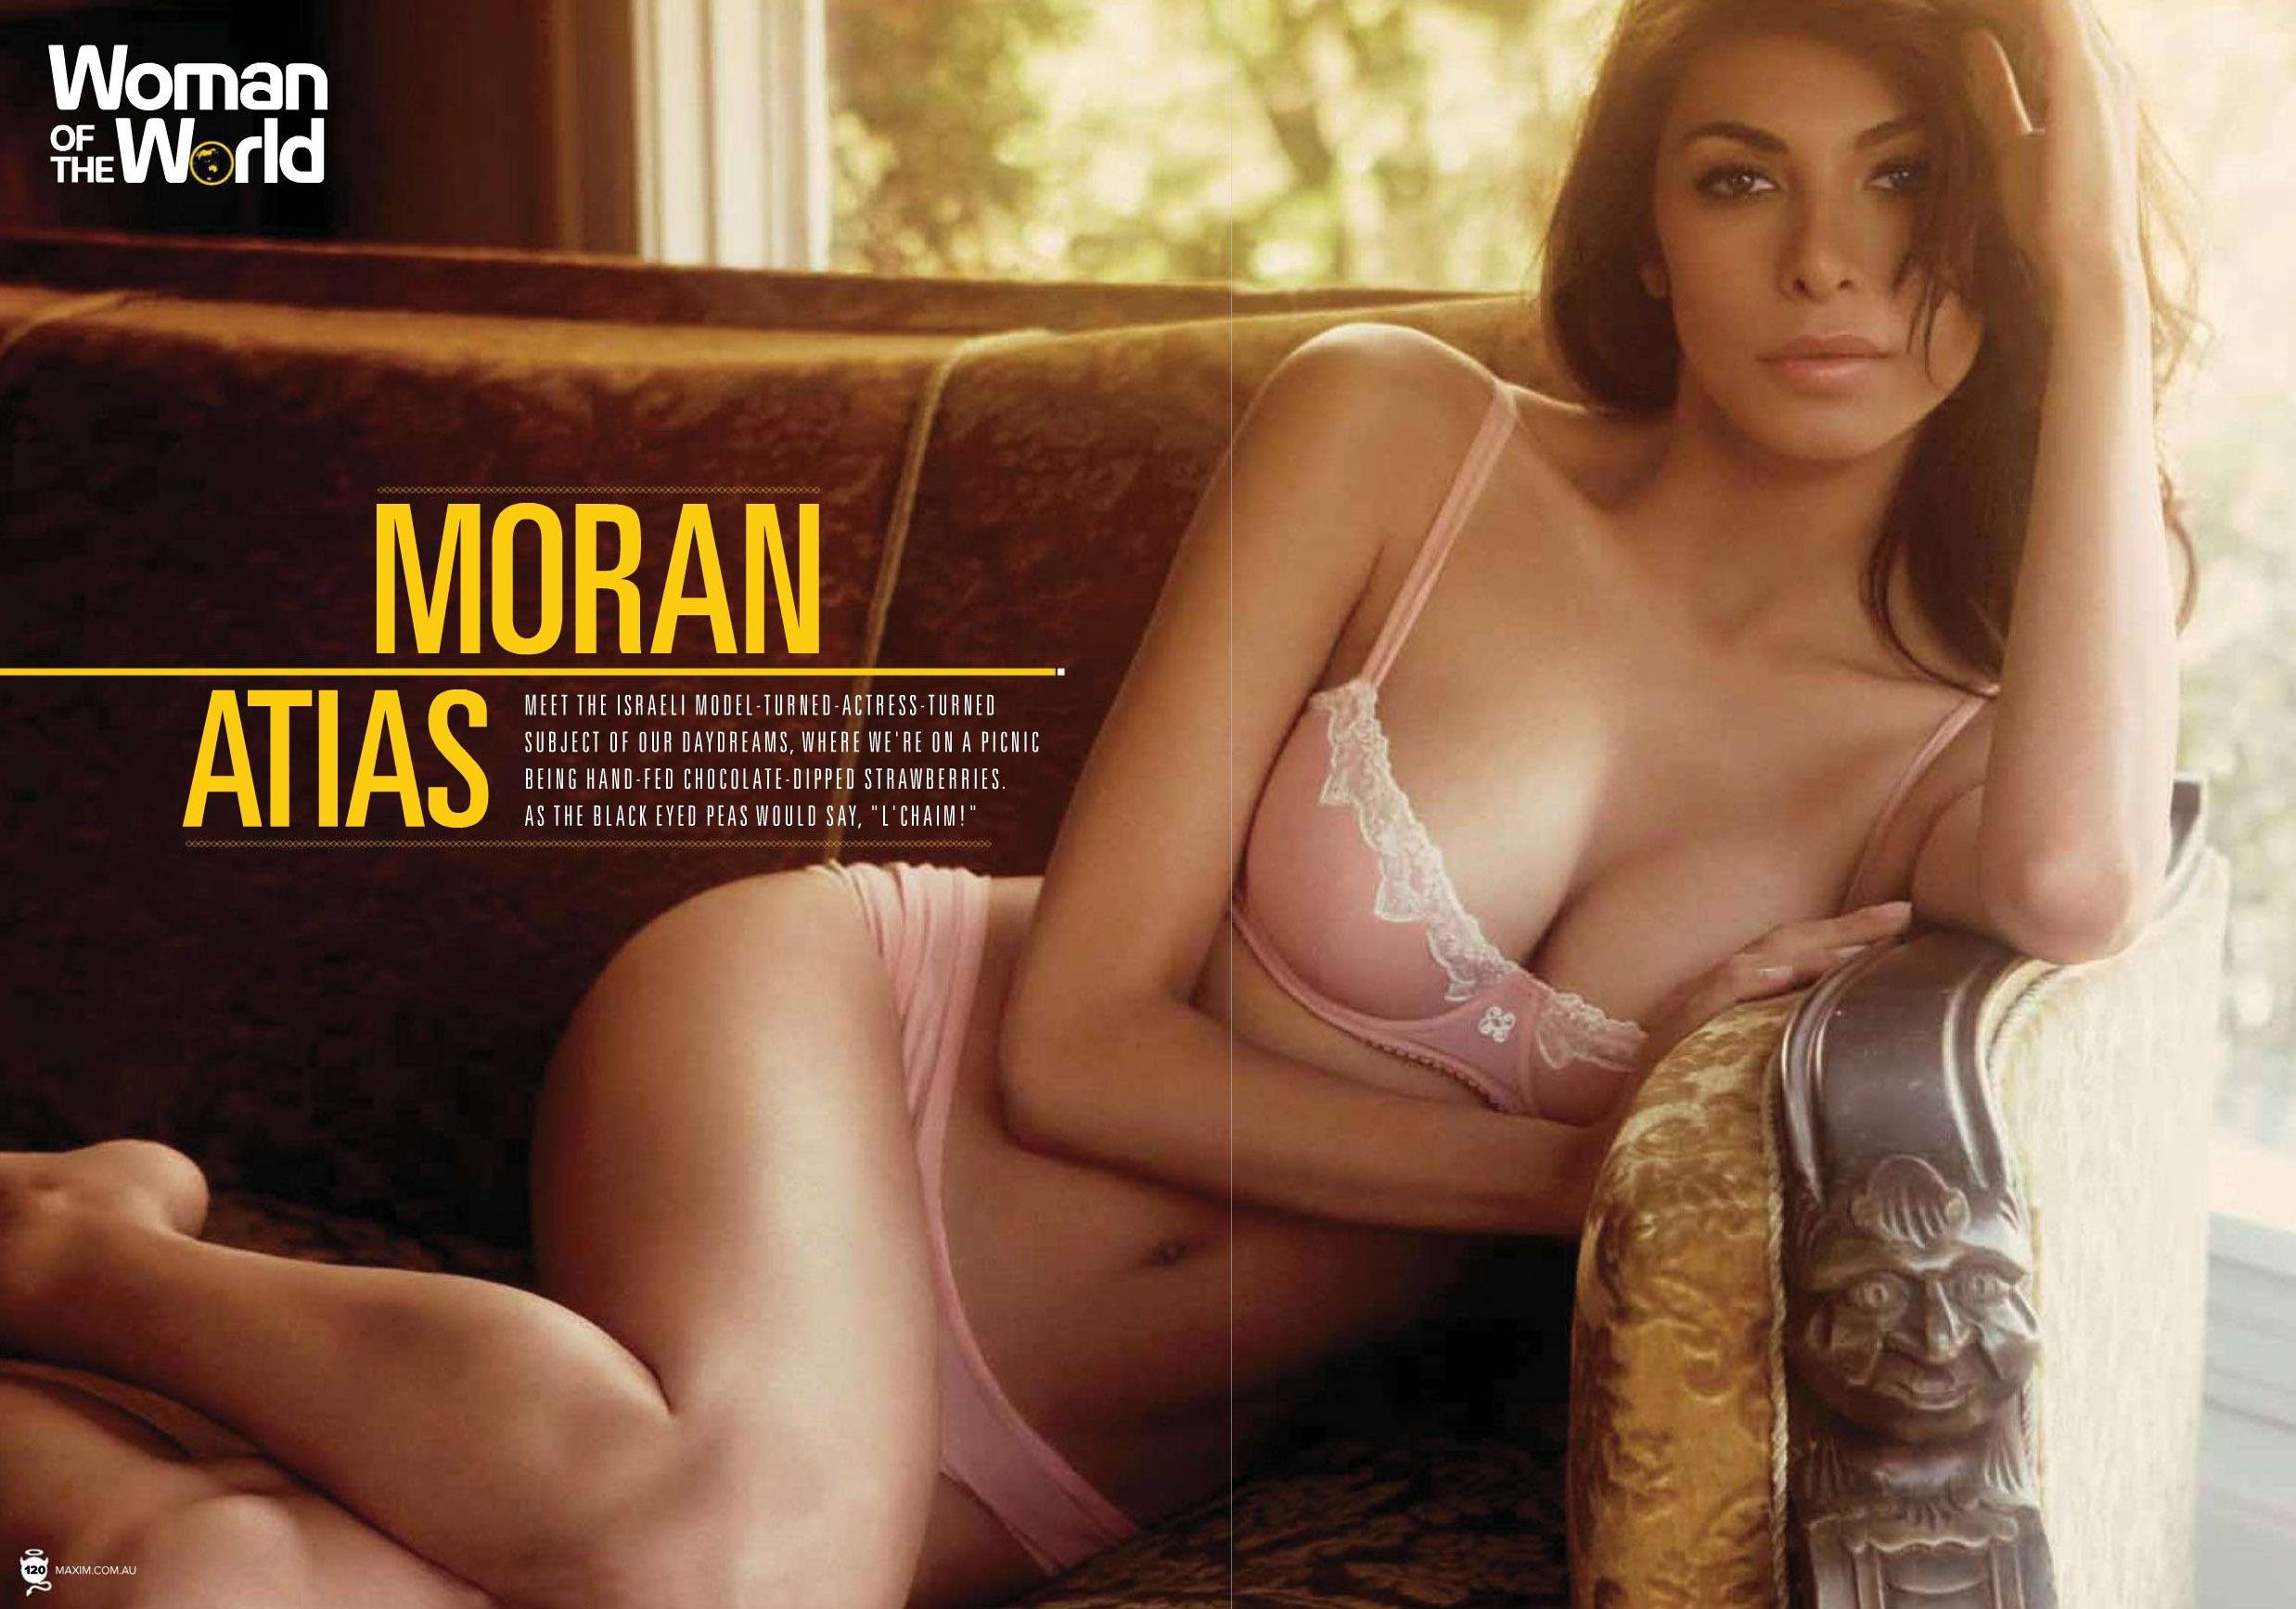 Moran Atias Full HD